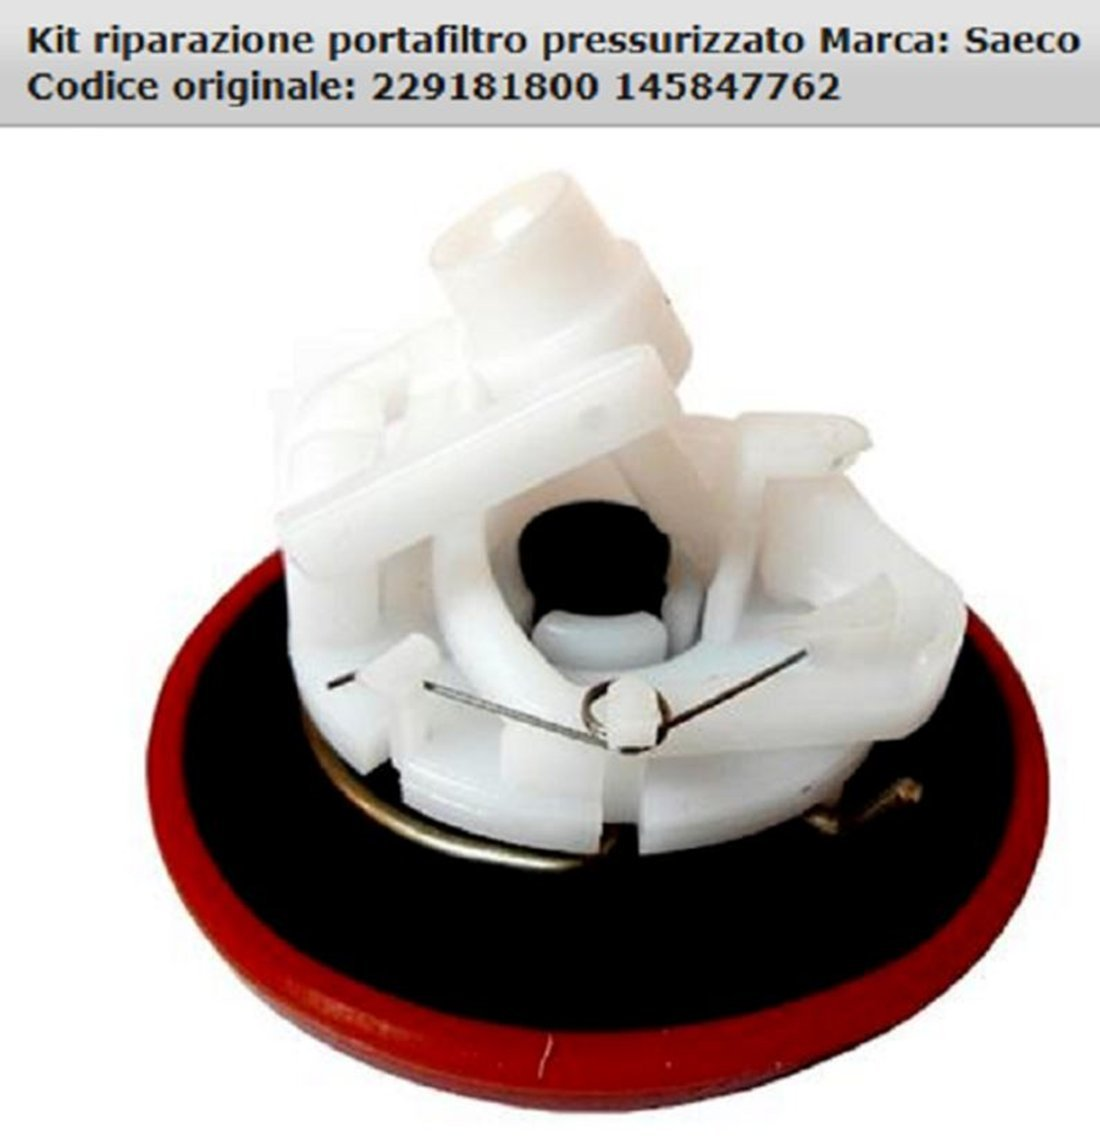 * El Campo 8033266103293/* * Junta para portafiltros presurizado no Original * * CD 38880000/* * * * Saeco Kit reparaci/ón Muelle